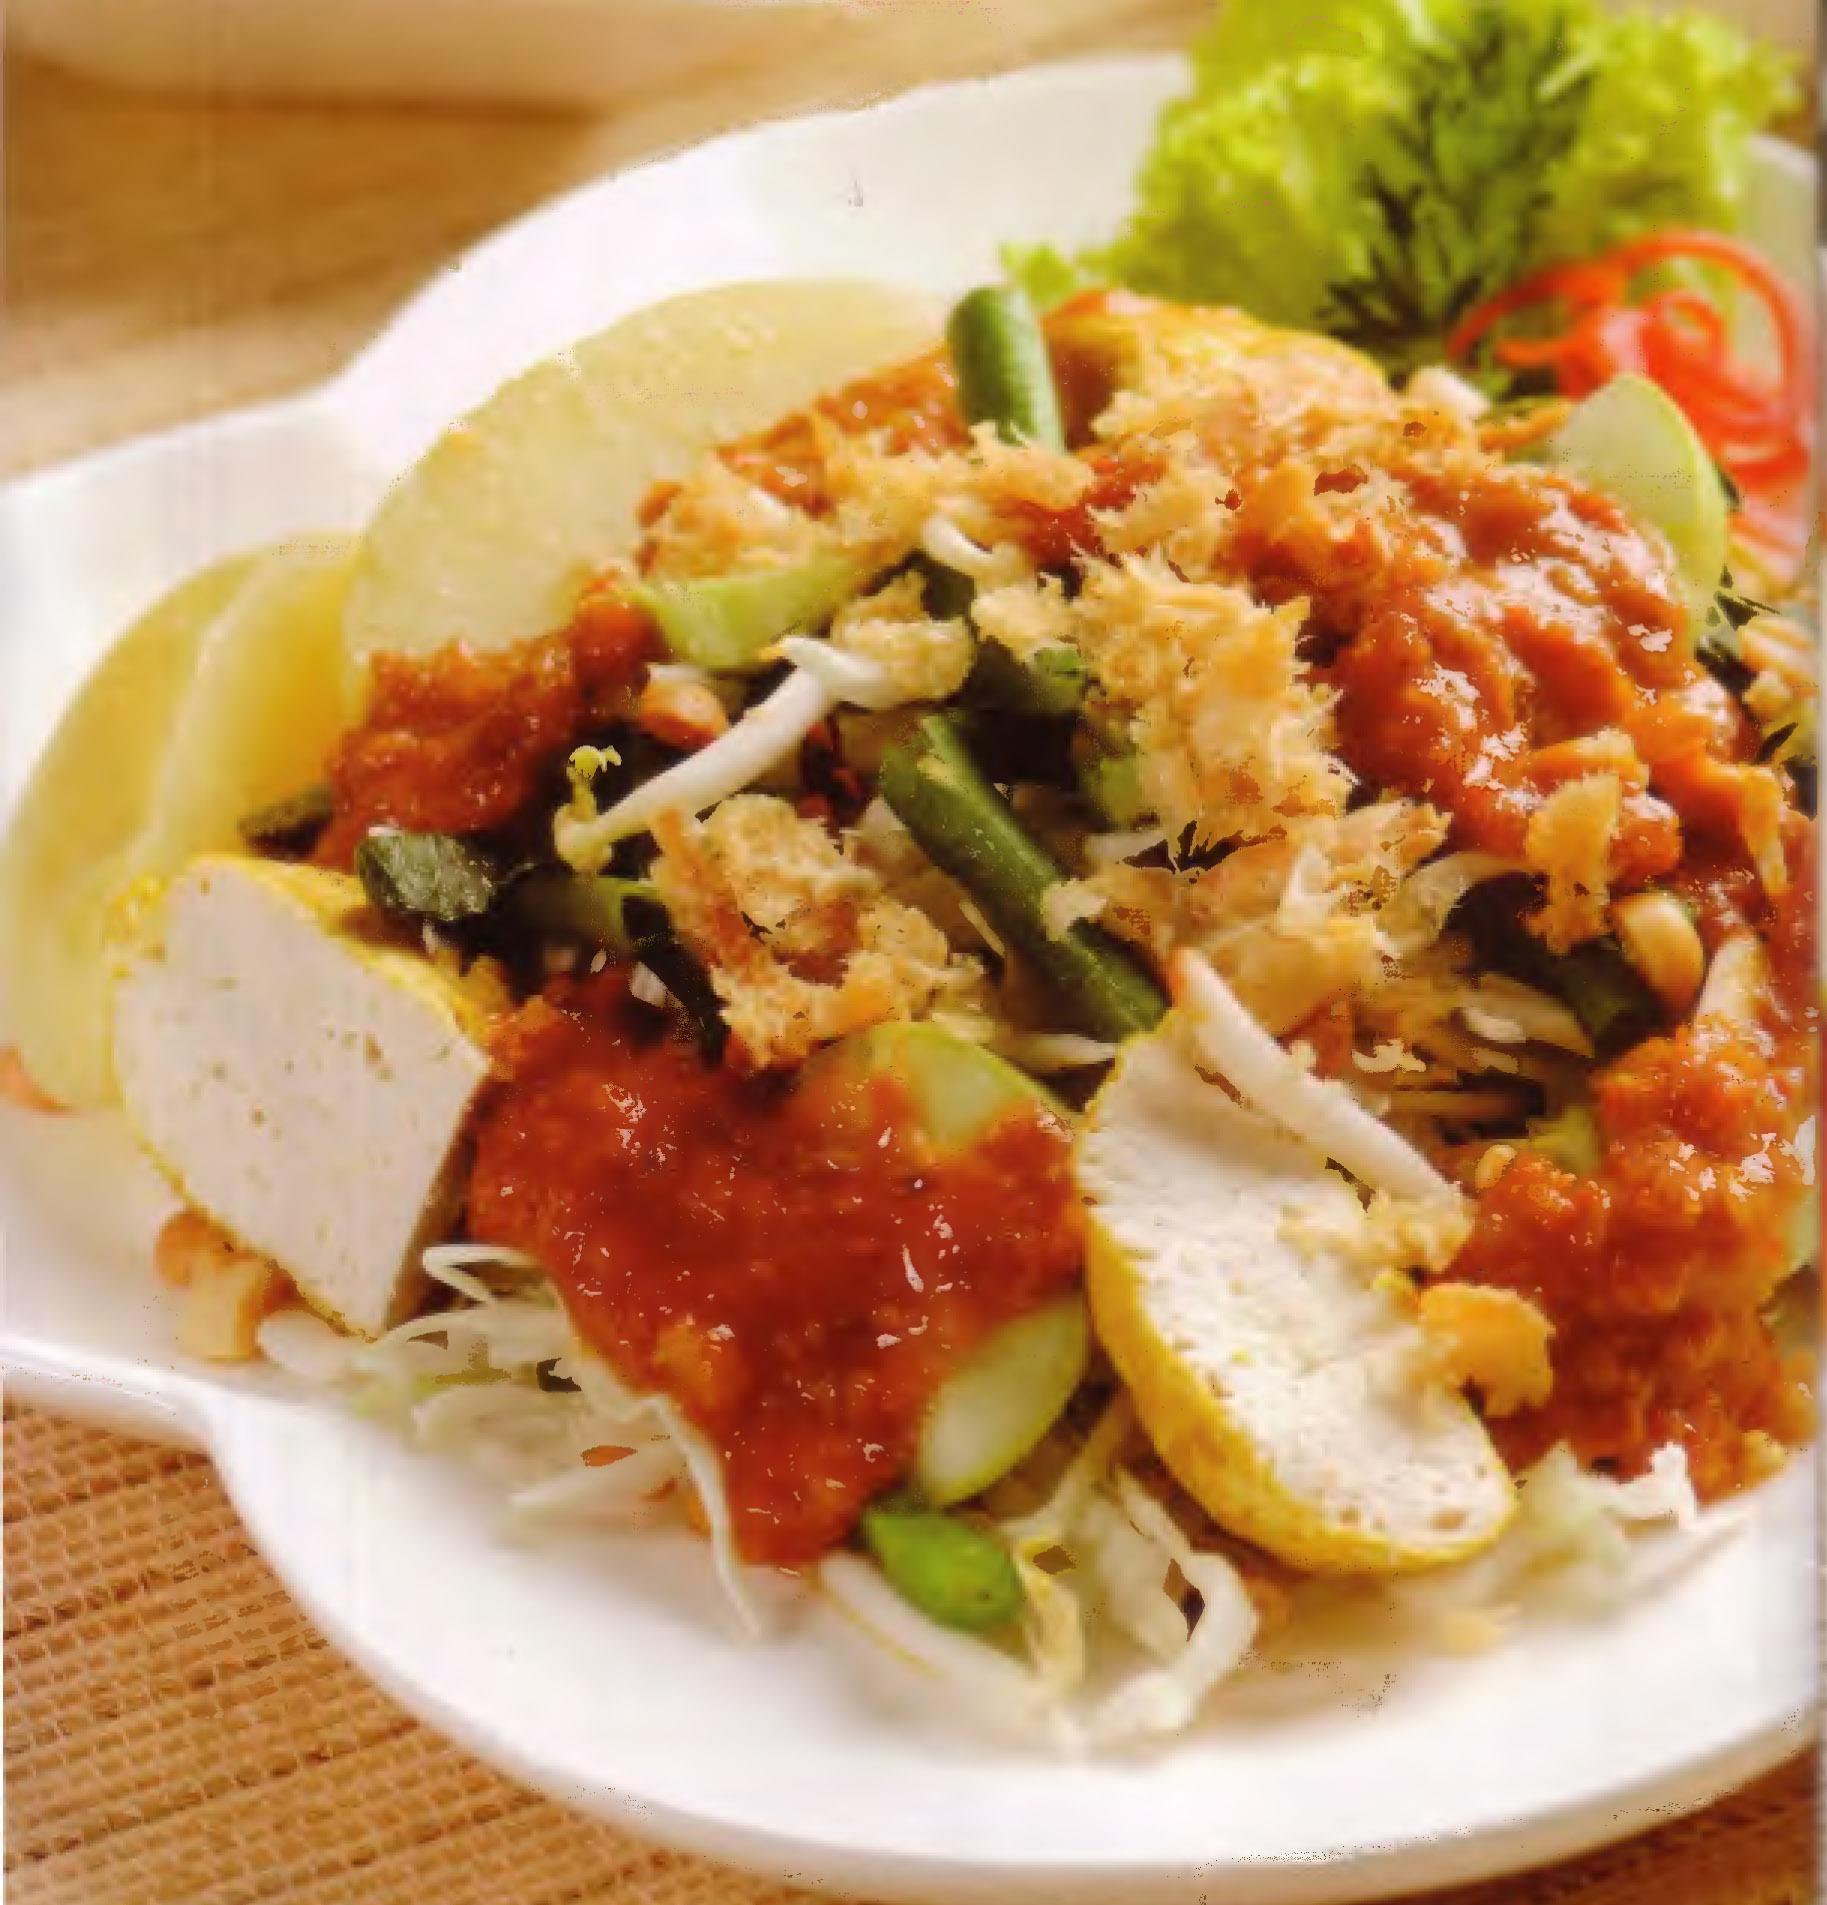 resep-salad-sayur-saus-kacang